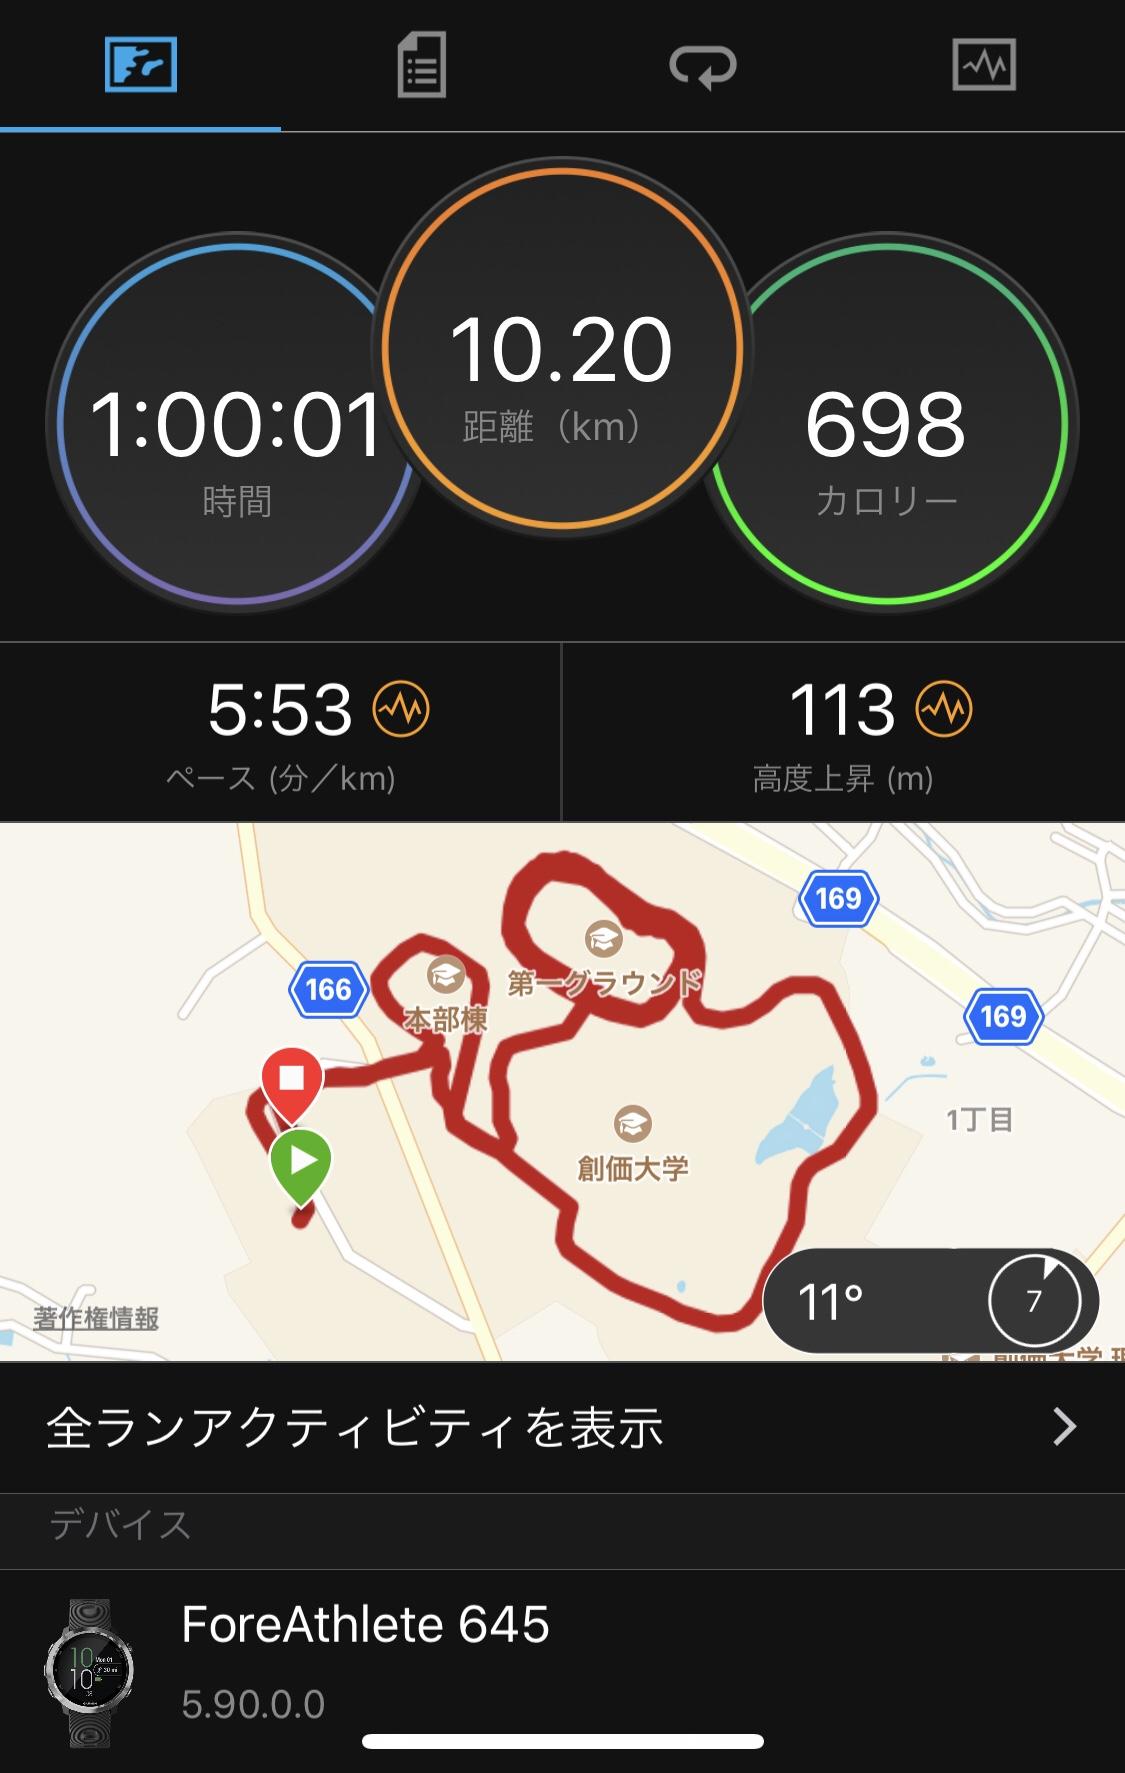 走行距離や練習環境の把握